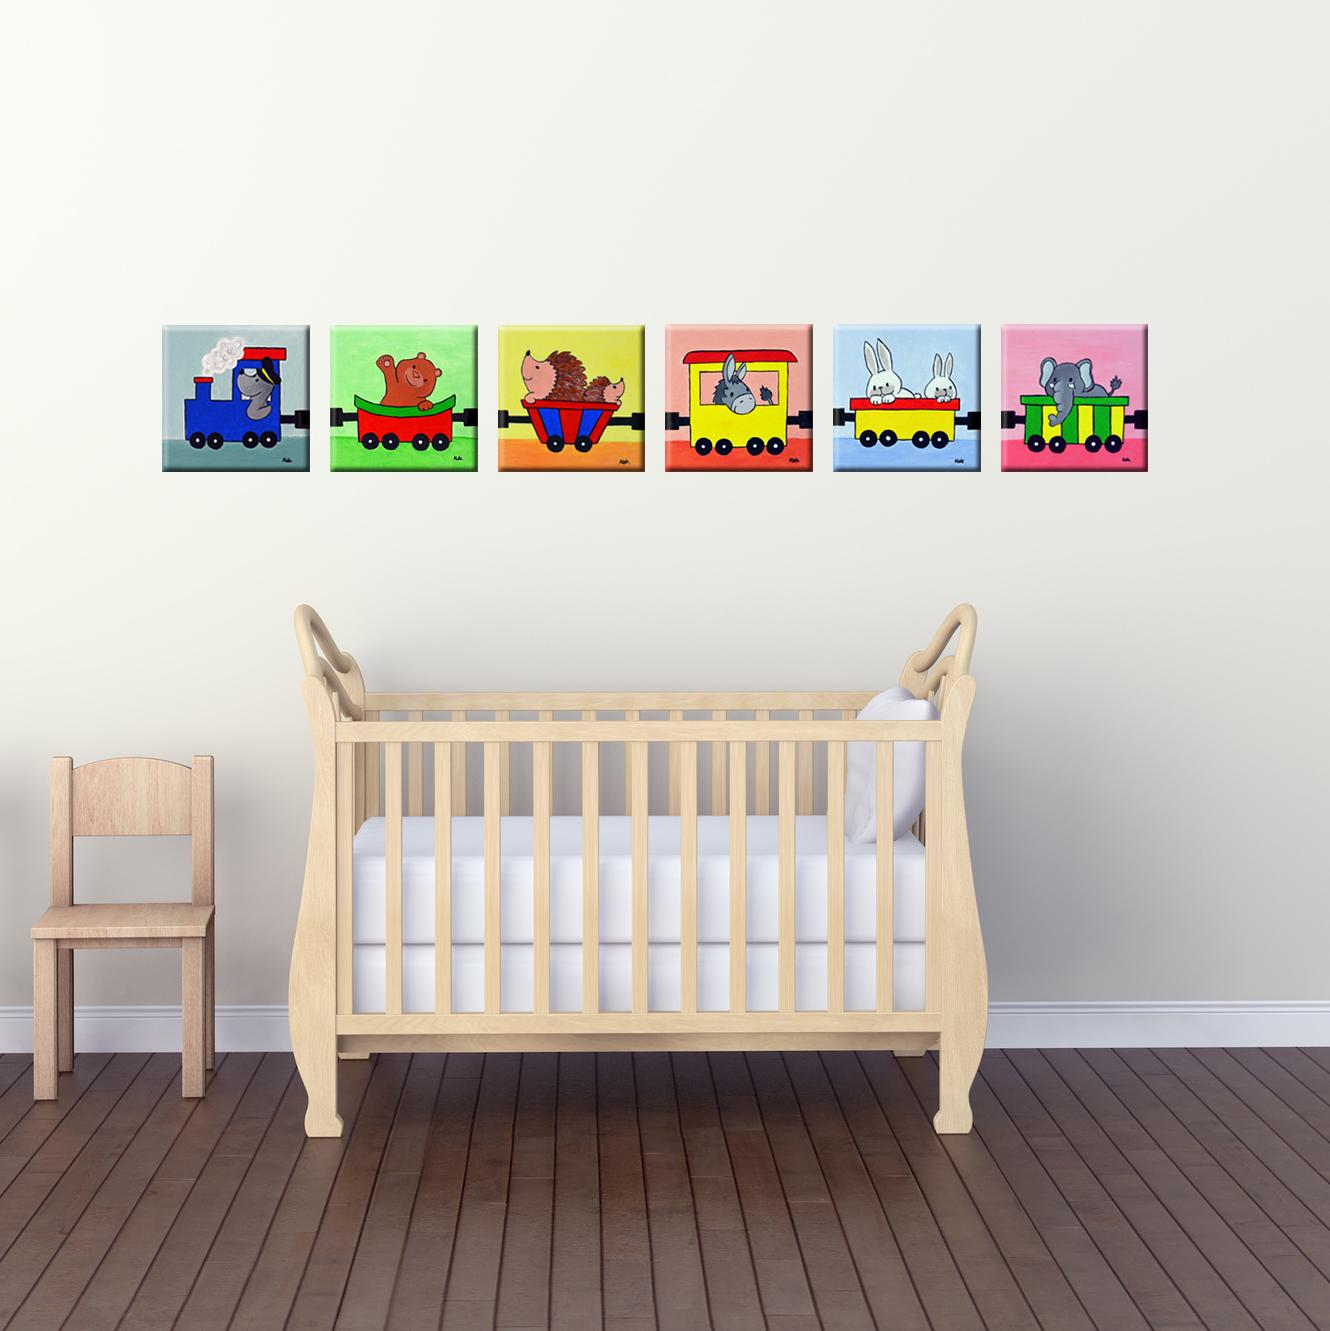 Lustiger Tiertransport - Leinwand Bilderserie fürs Kinderzimmer